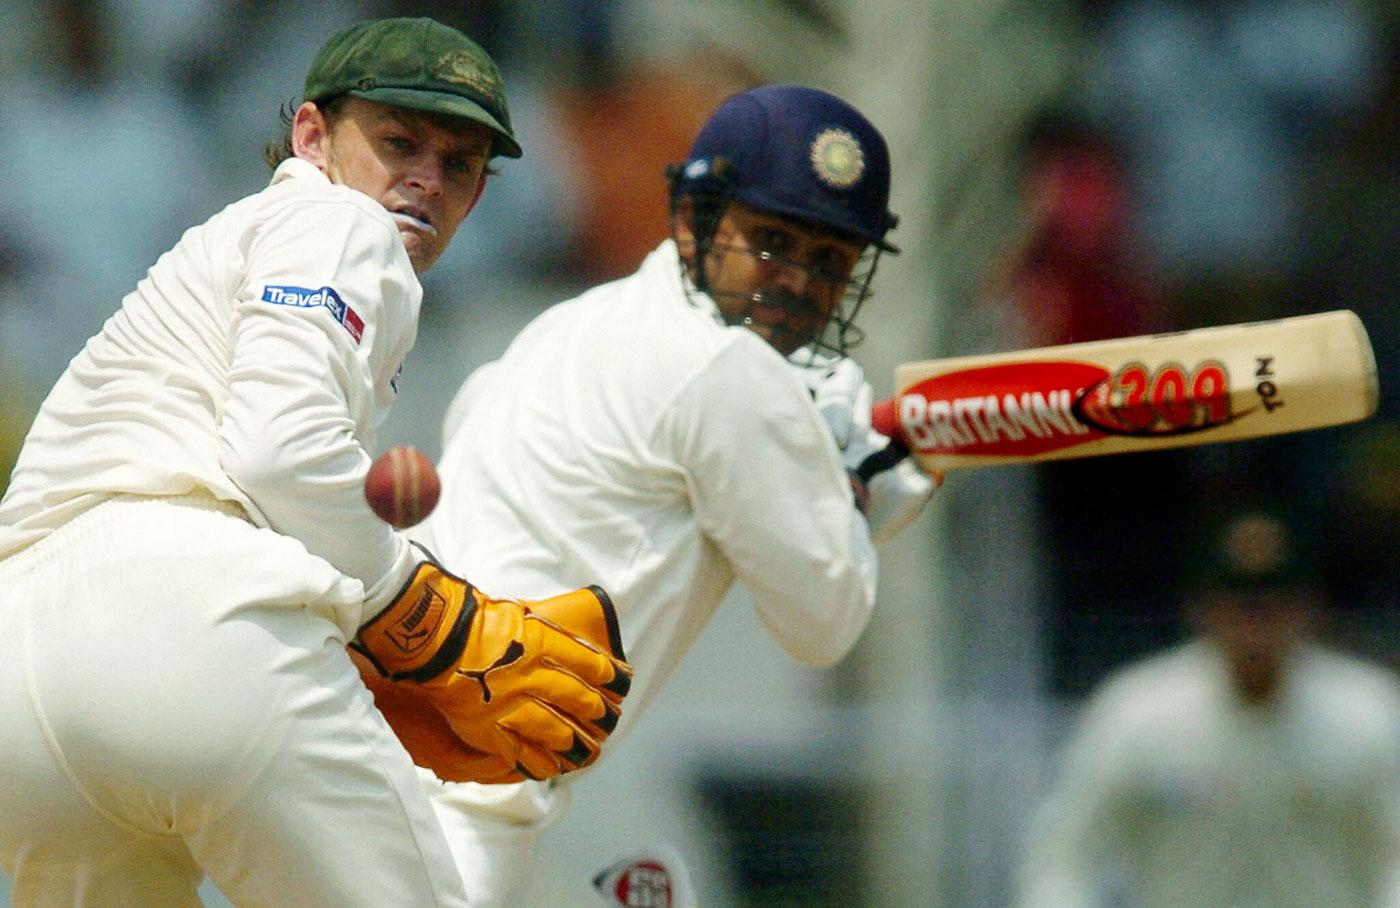 ये भारतीय खिलाड़ी है सबसे ज्यादा अमीर, कोहली और धोनी को पछाड़ इस खिलाड़ी ने टॉप पर बनाई है जगह 8